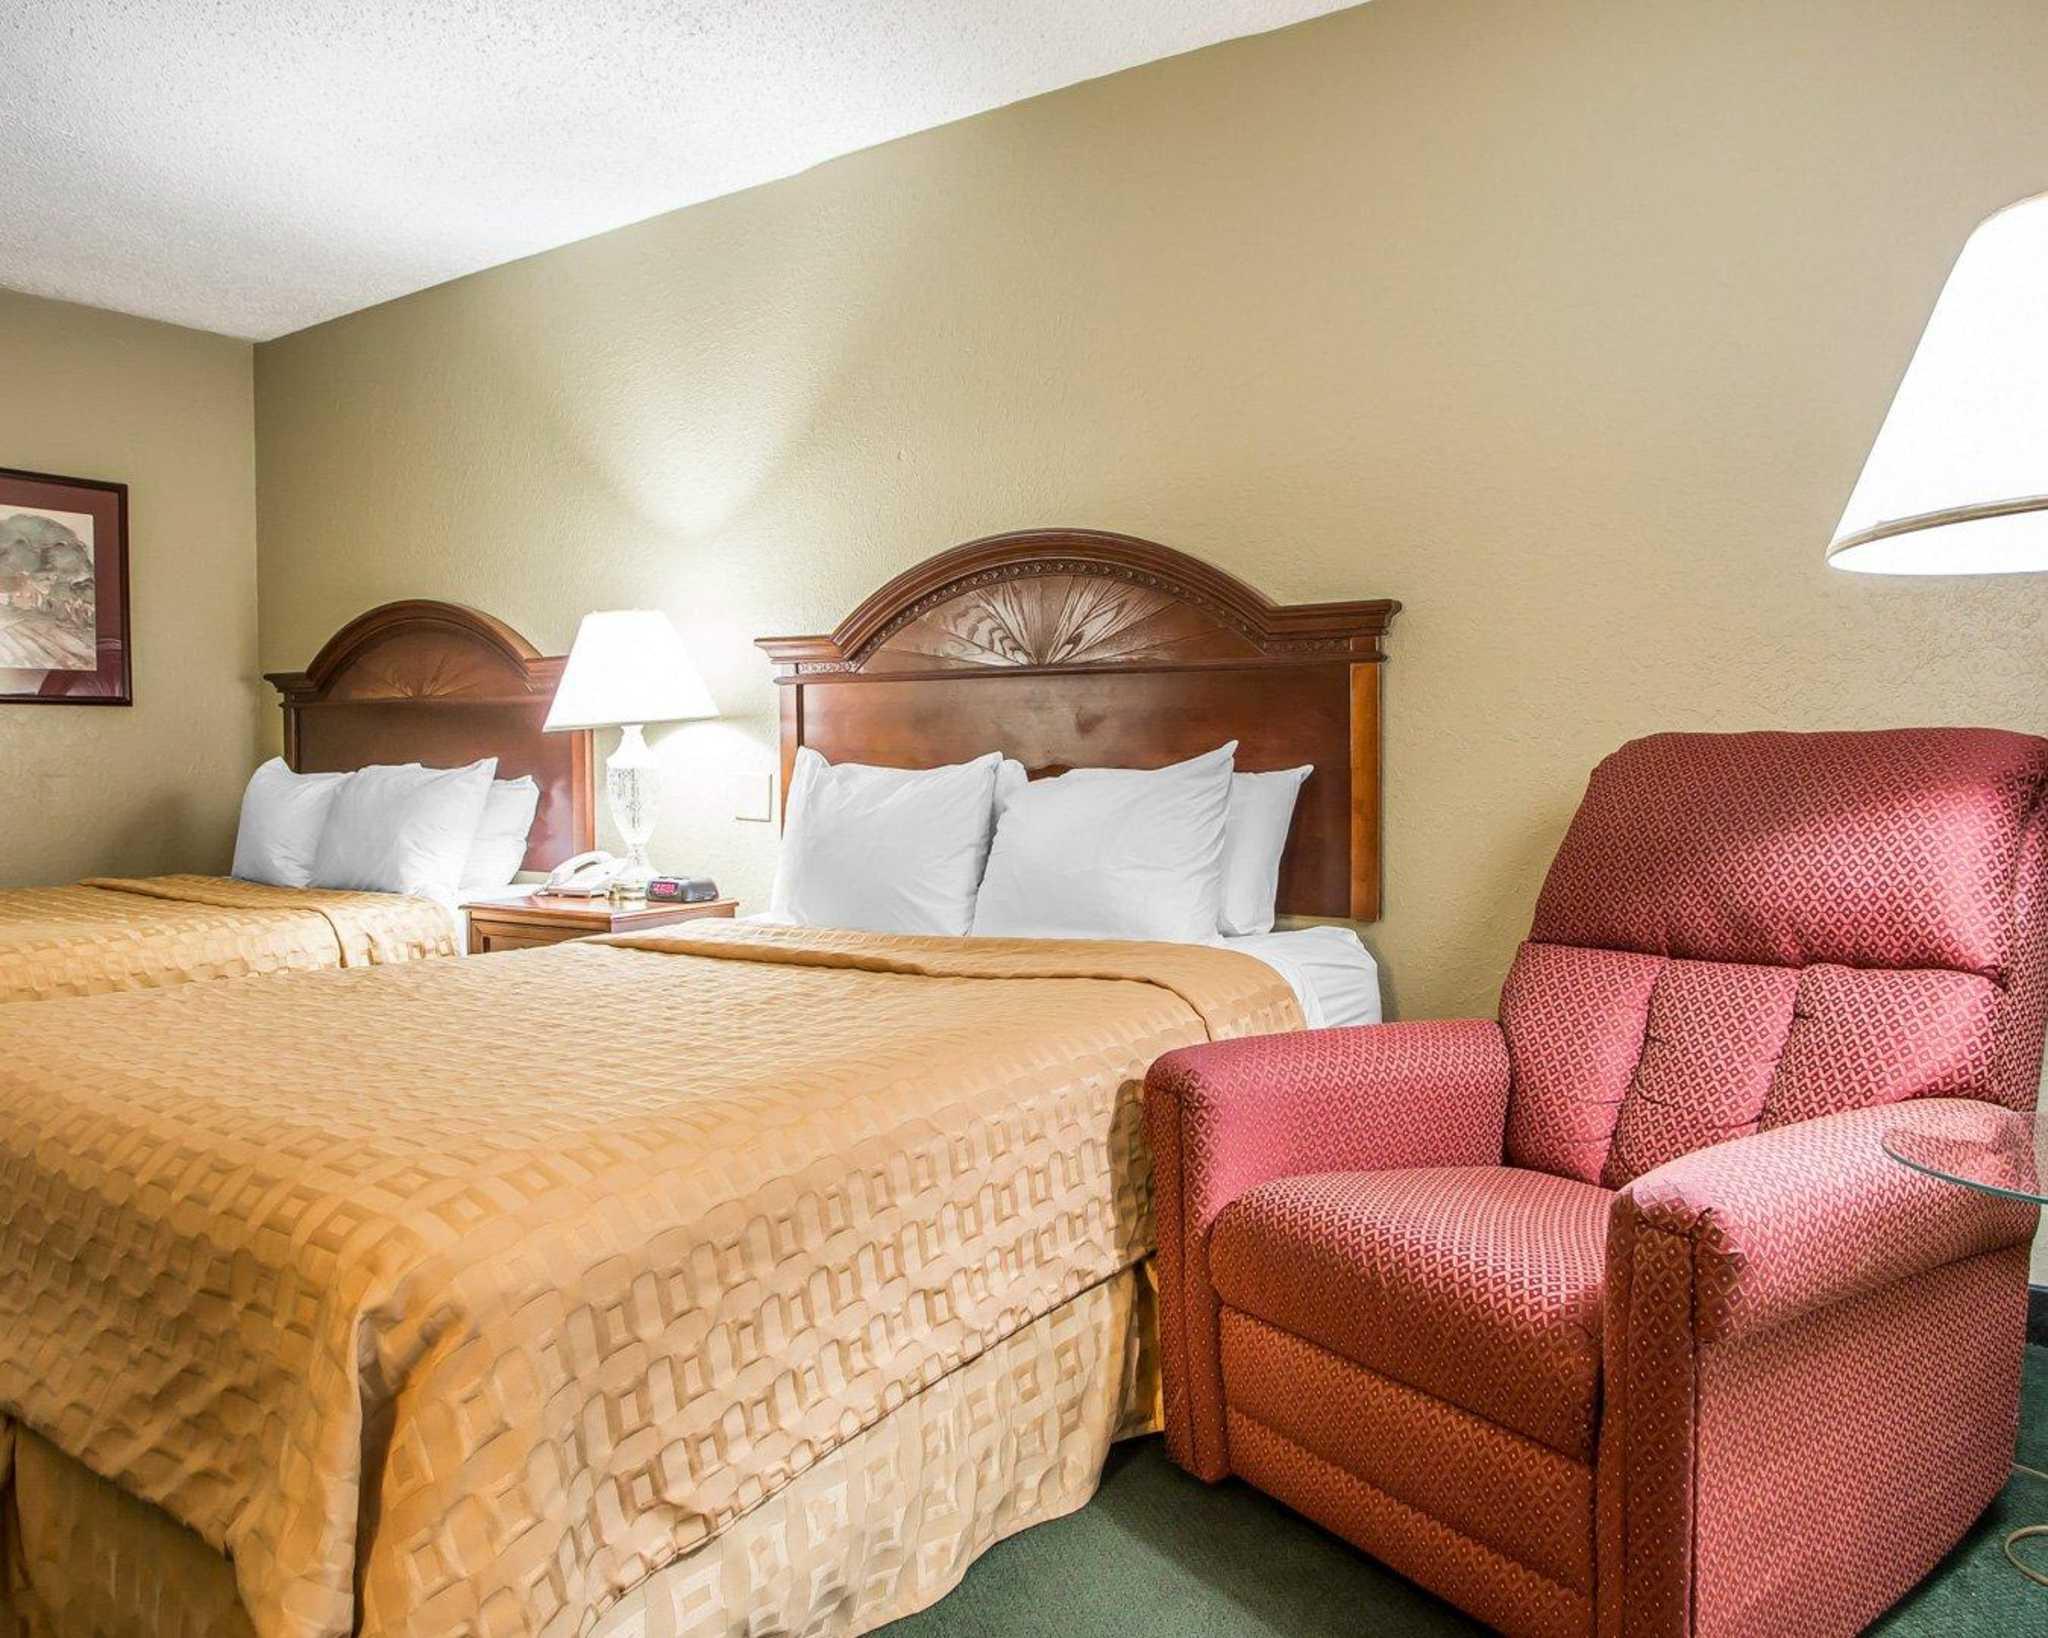 Clarion Hotel Highlander Conference Center image 5